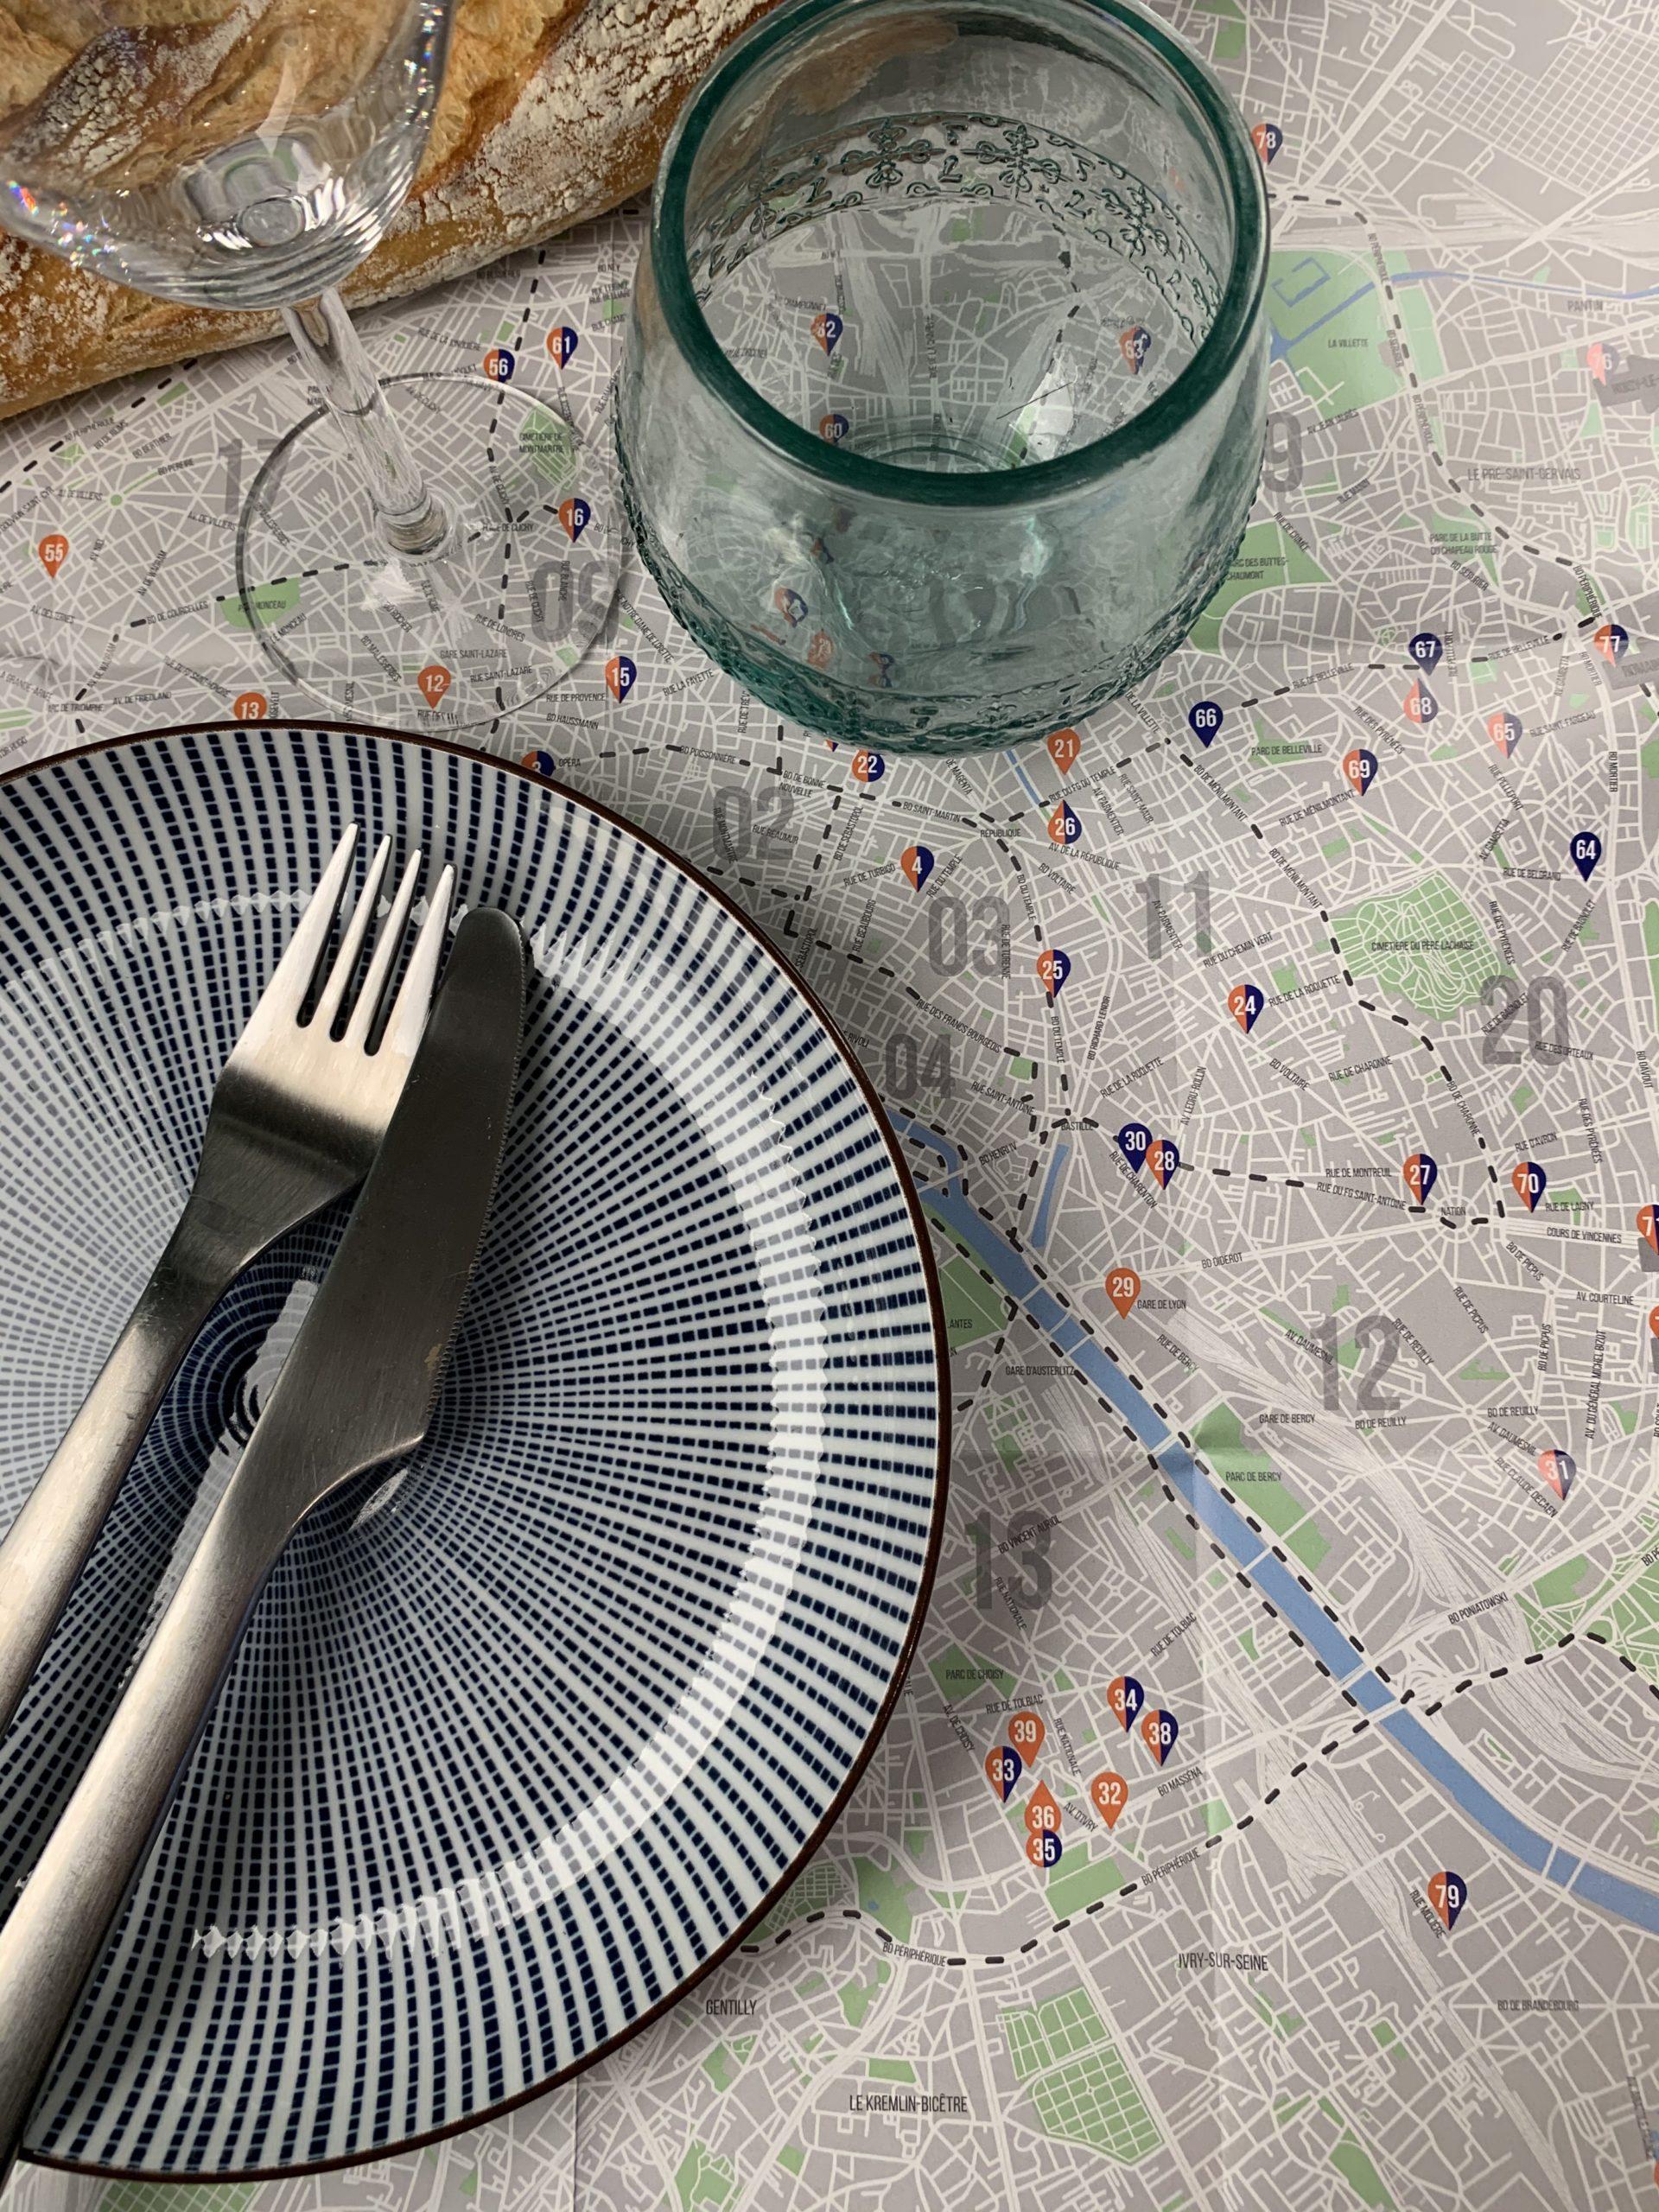 3 restos dans le 20e recommandés par le blogueur food 716lavie